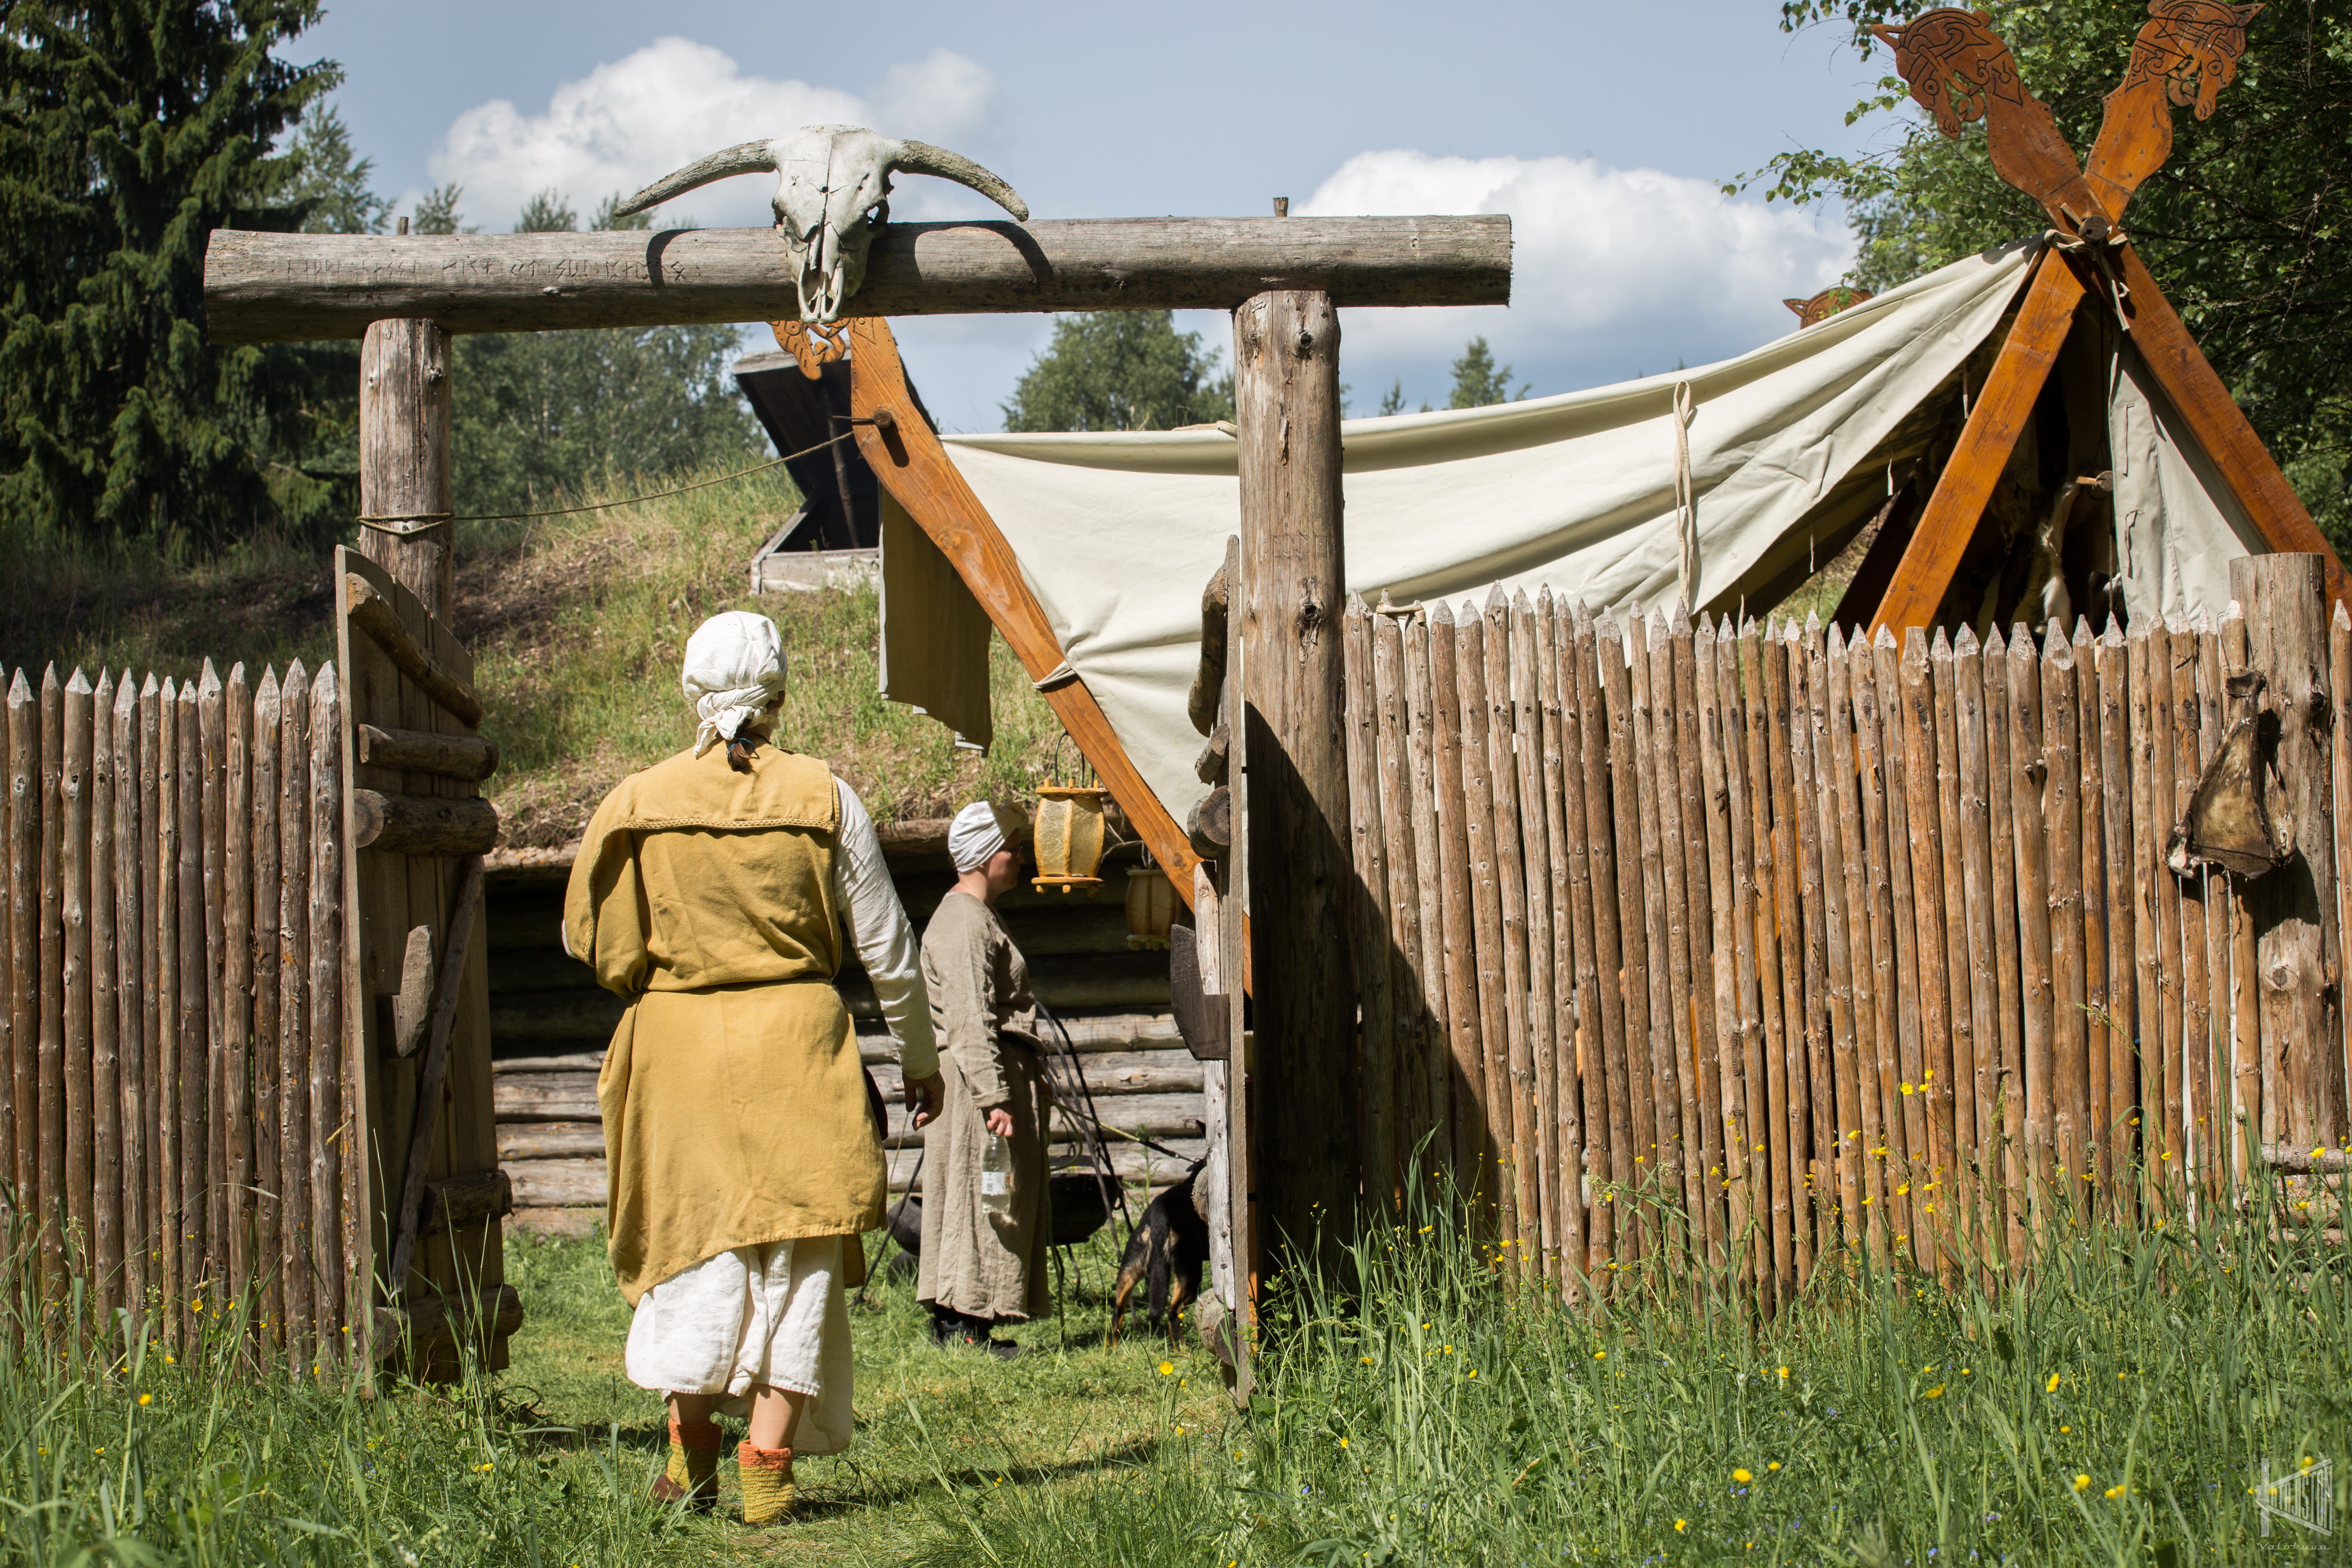 Muinaisasuun pukeutunut nainen kävelee viikinkikylän portista sisään. Portin päällä on härän pääkallo.